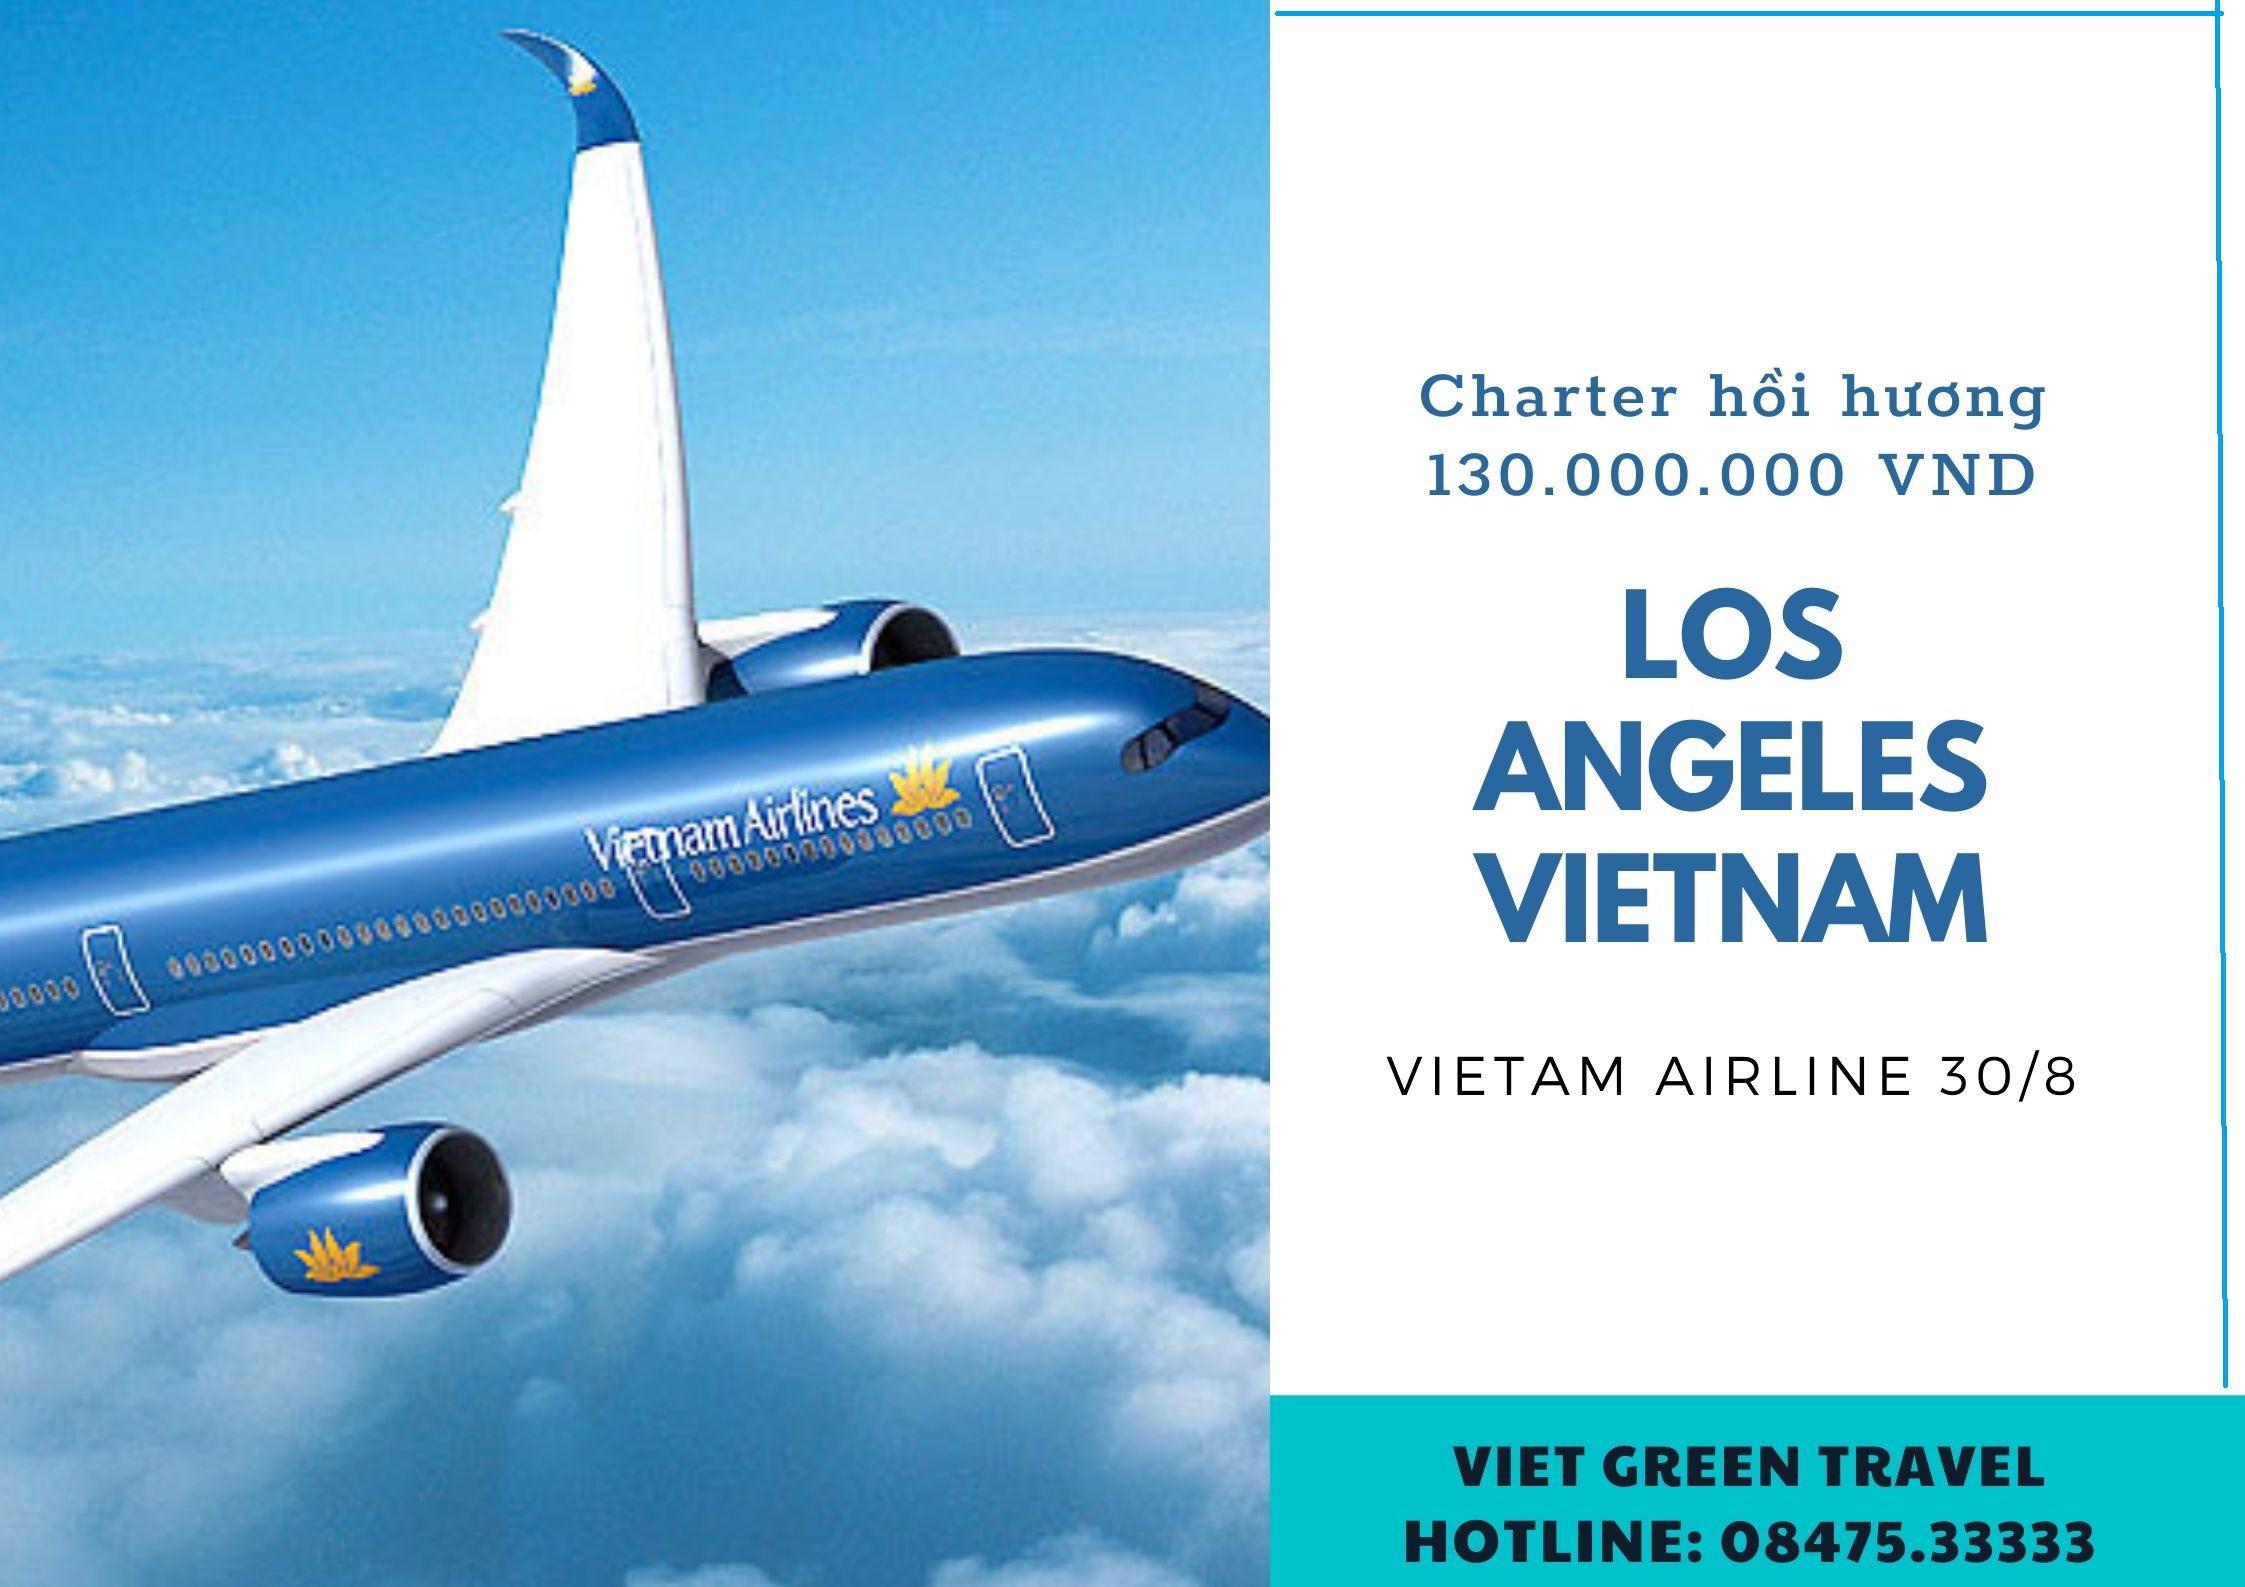 Lịch bay cập nhật từ Los Angeles về Việt Nam 30/8